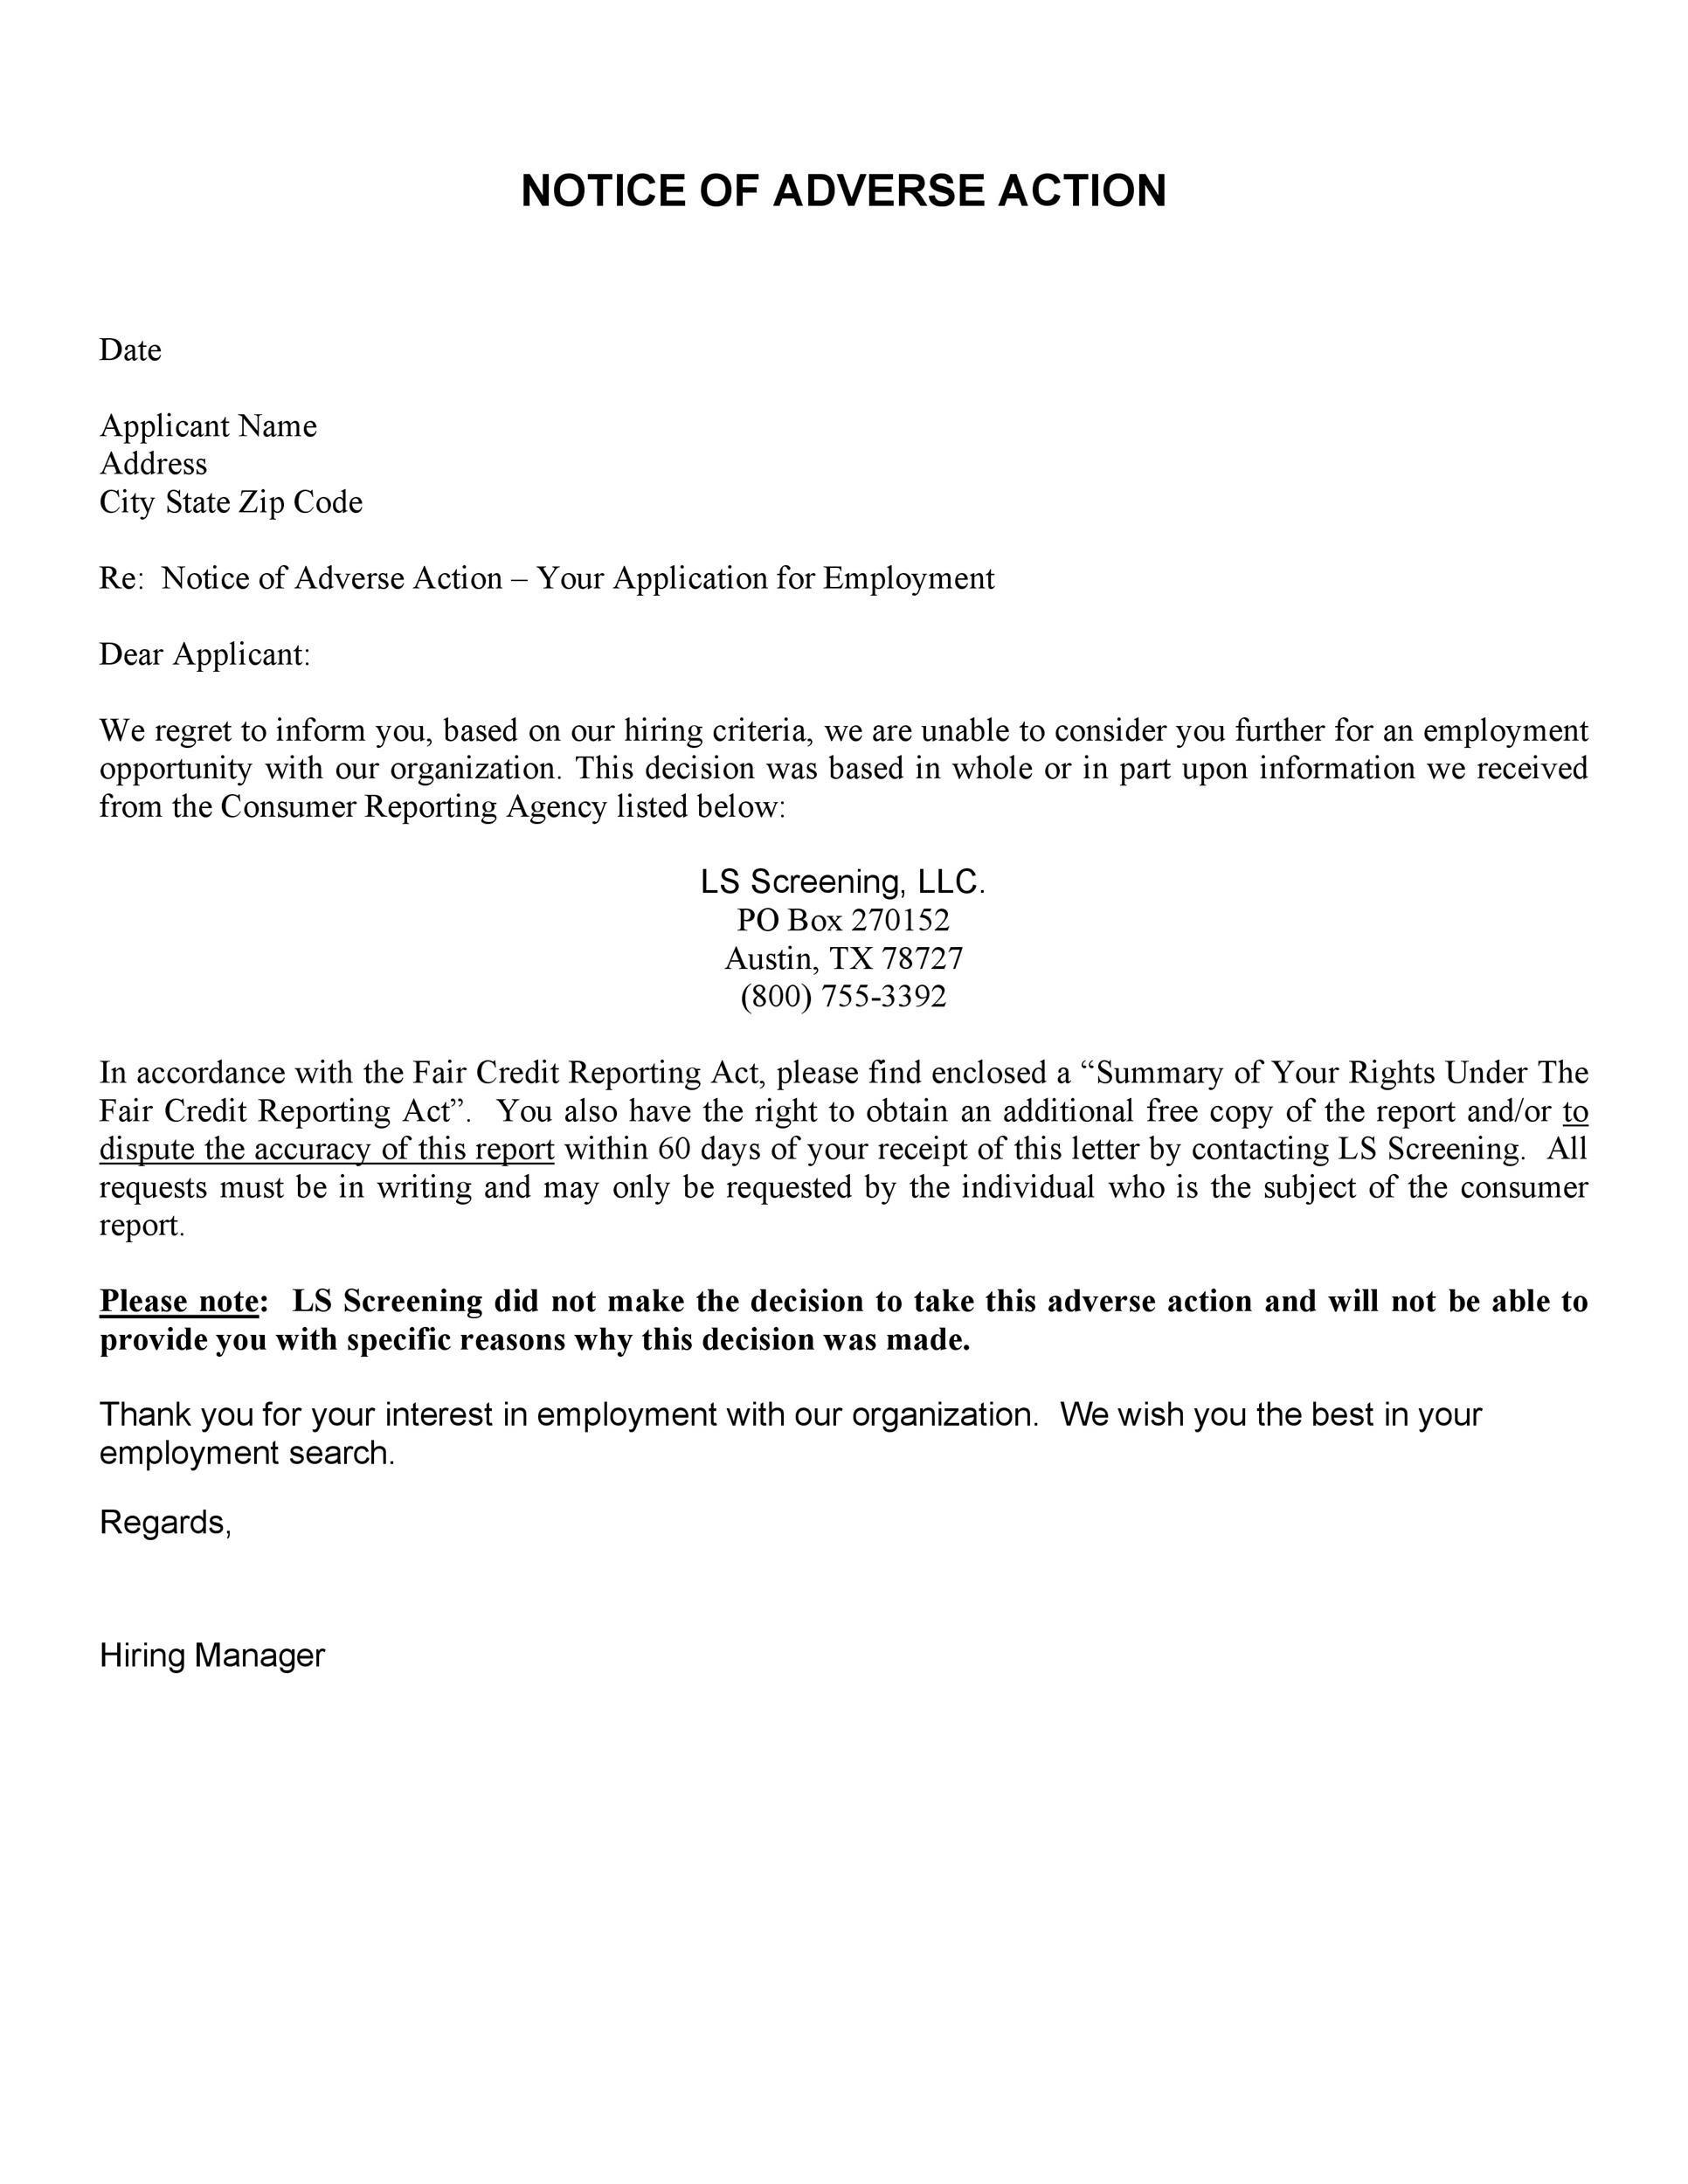 Free adverse action notice 34